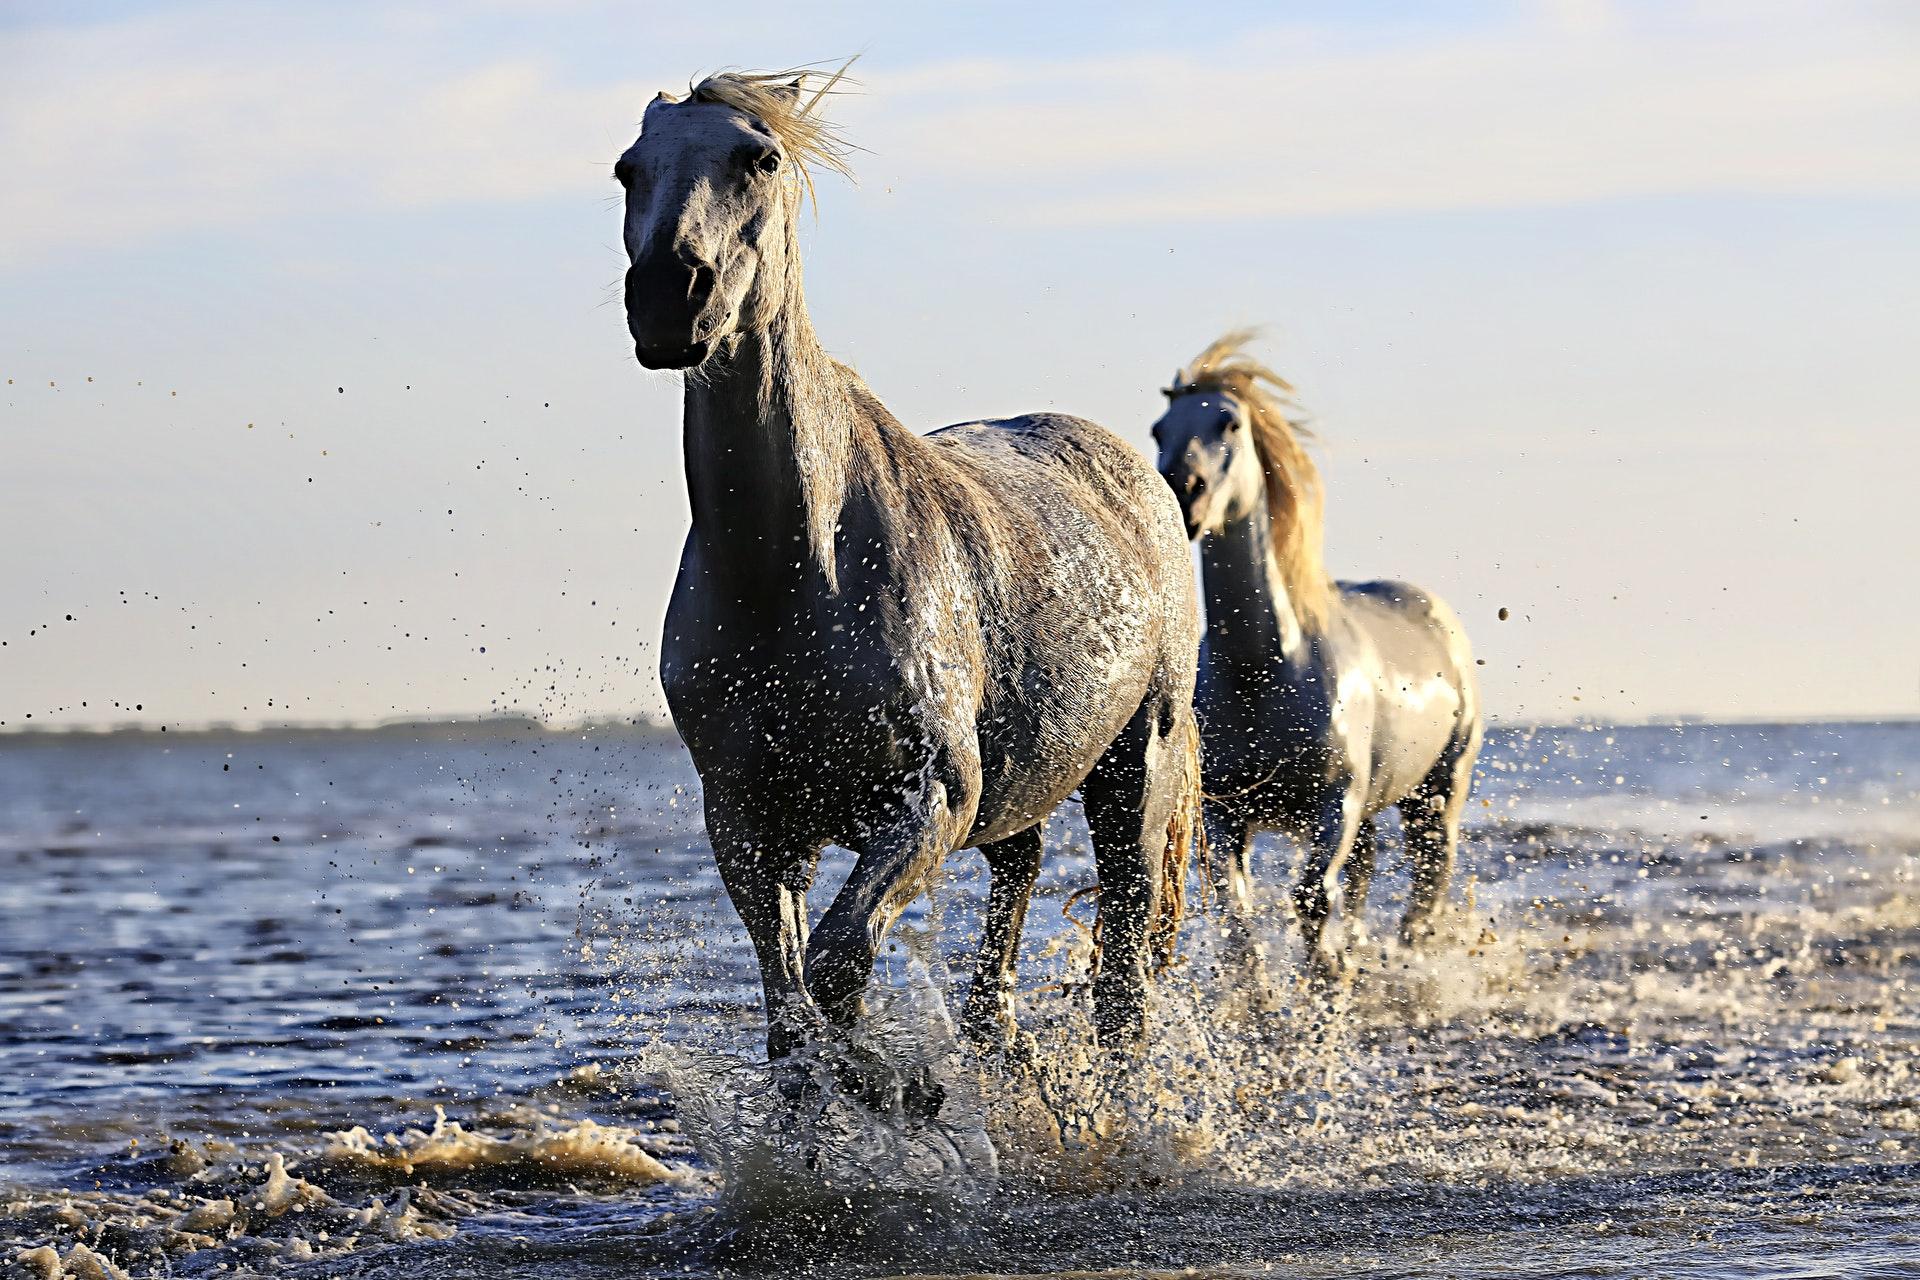 download wallpaper: paarden aan het strand wallpaper